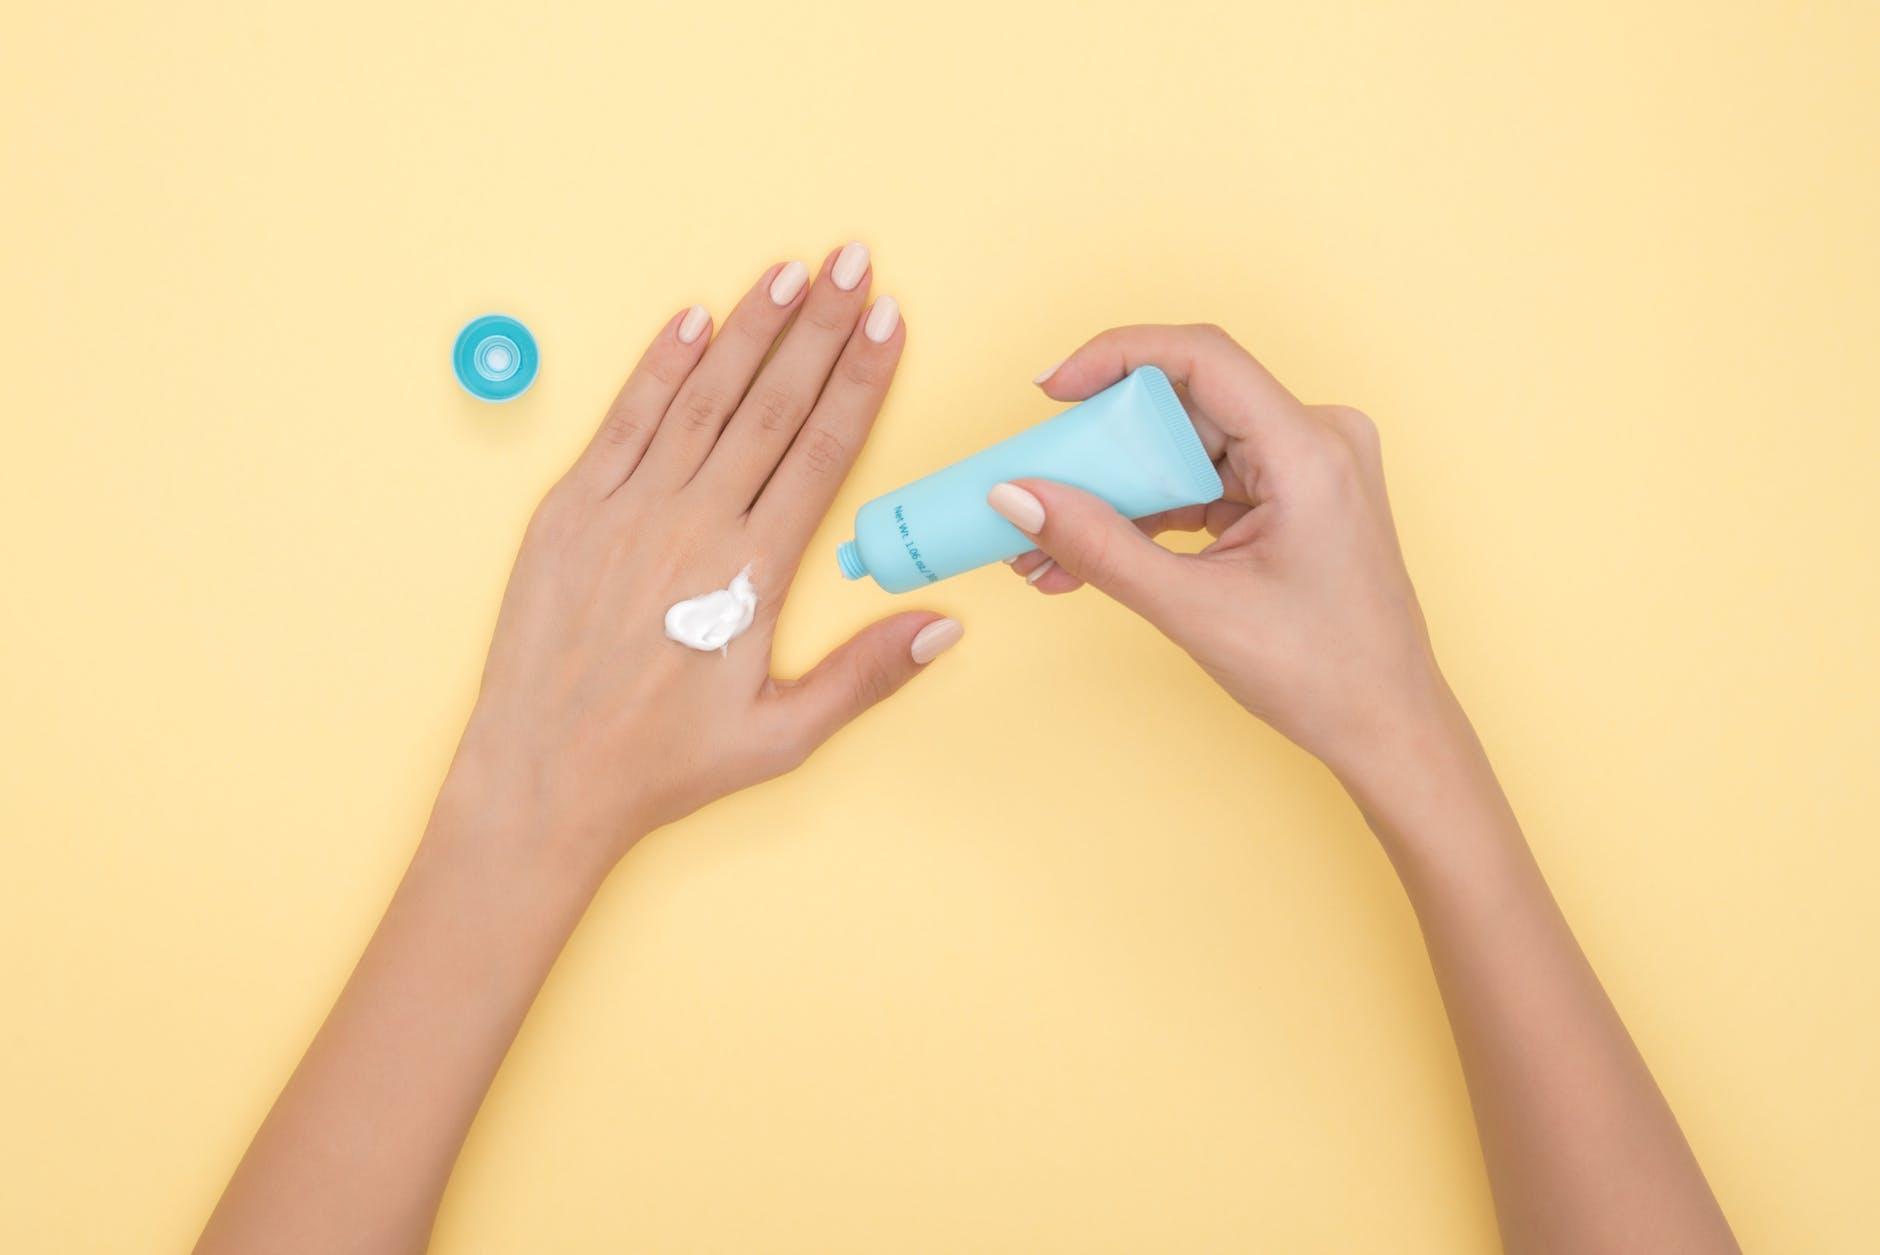 Kem chống nắng-Bàn tay cầm tuýp kem màu xanh.